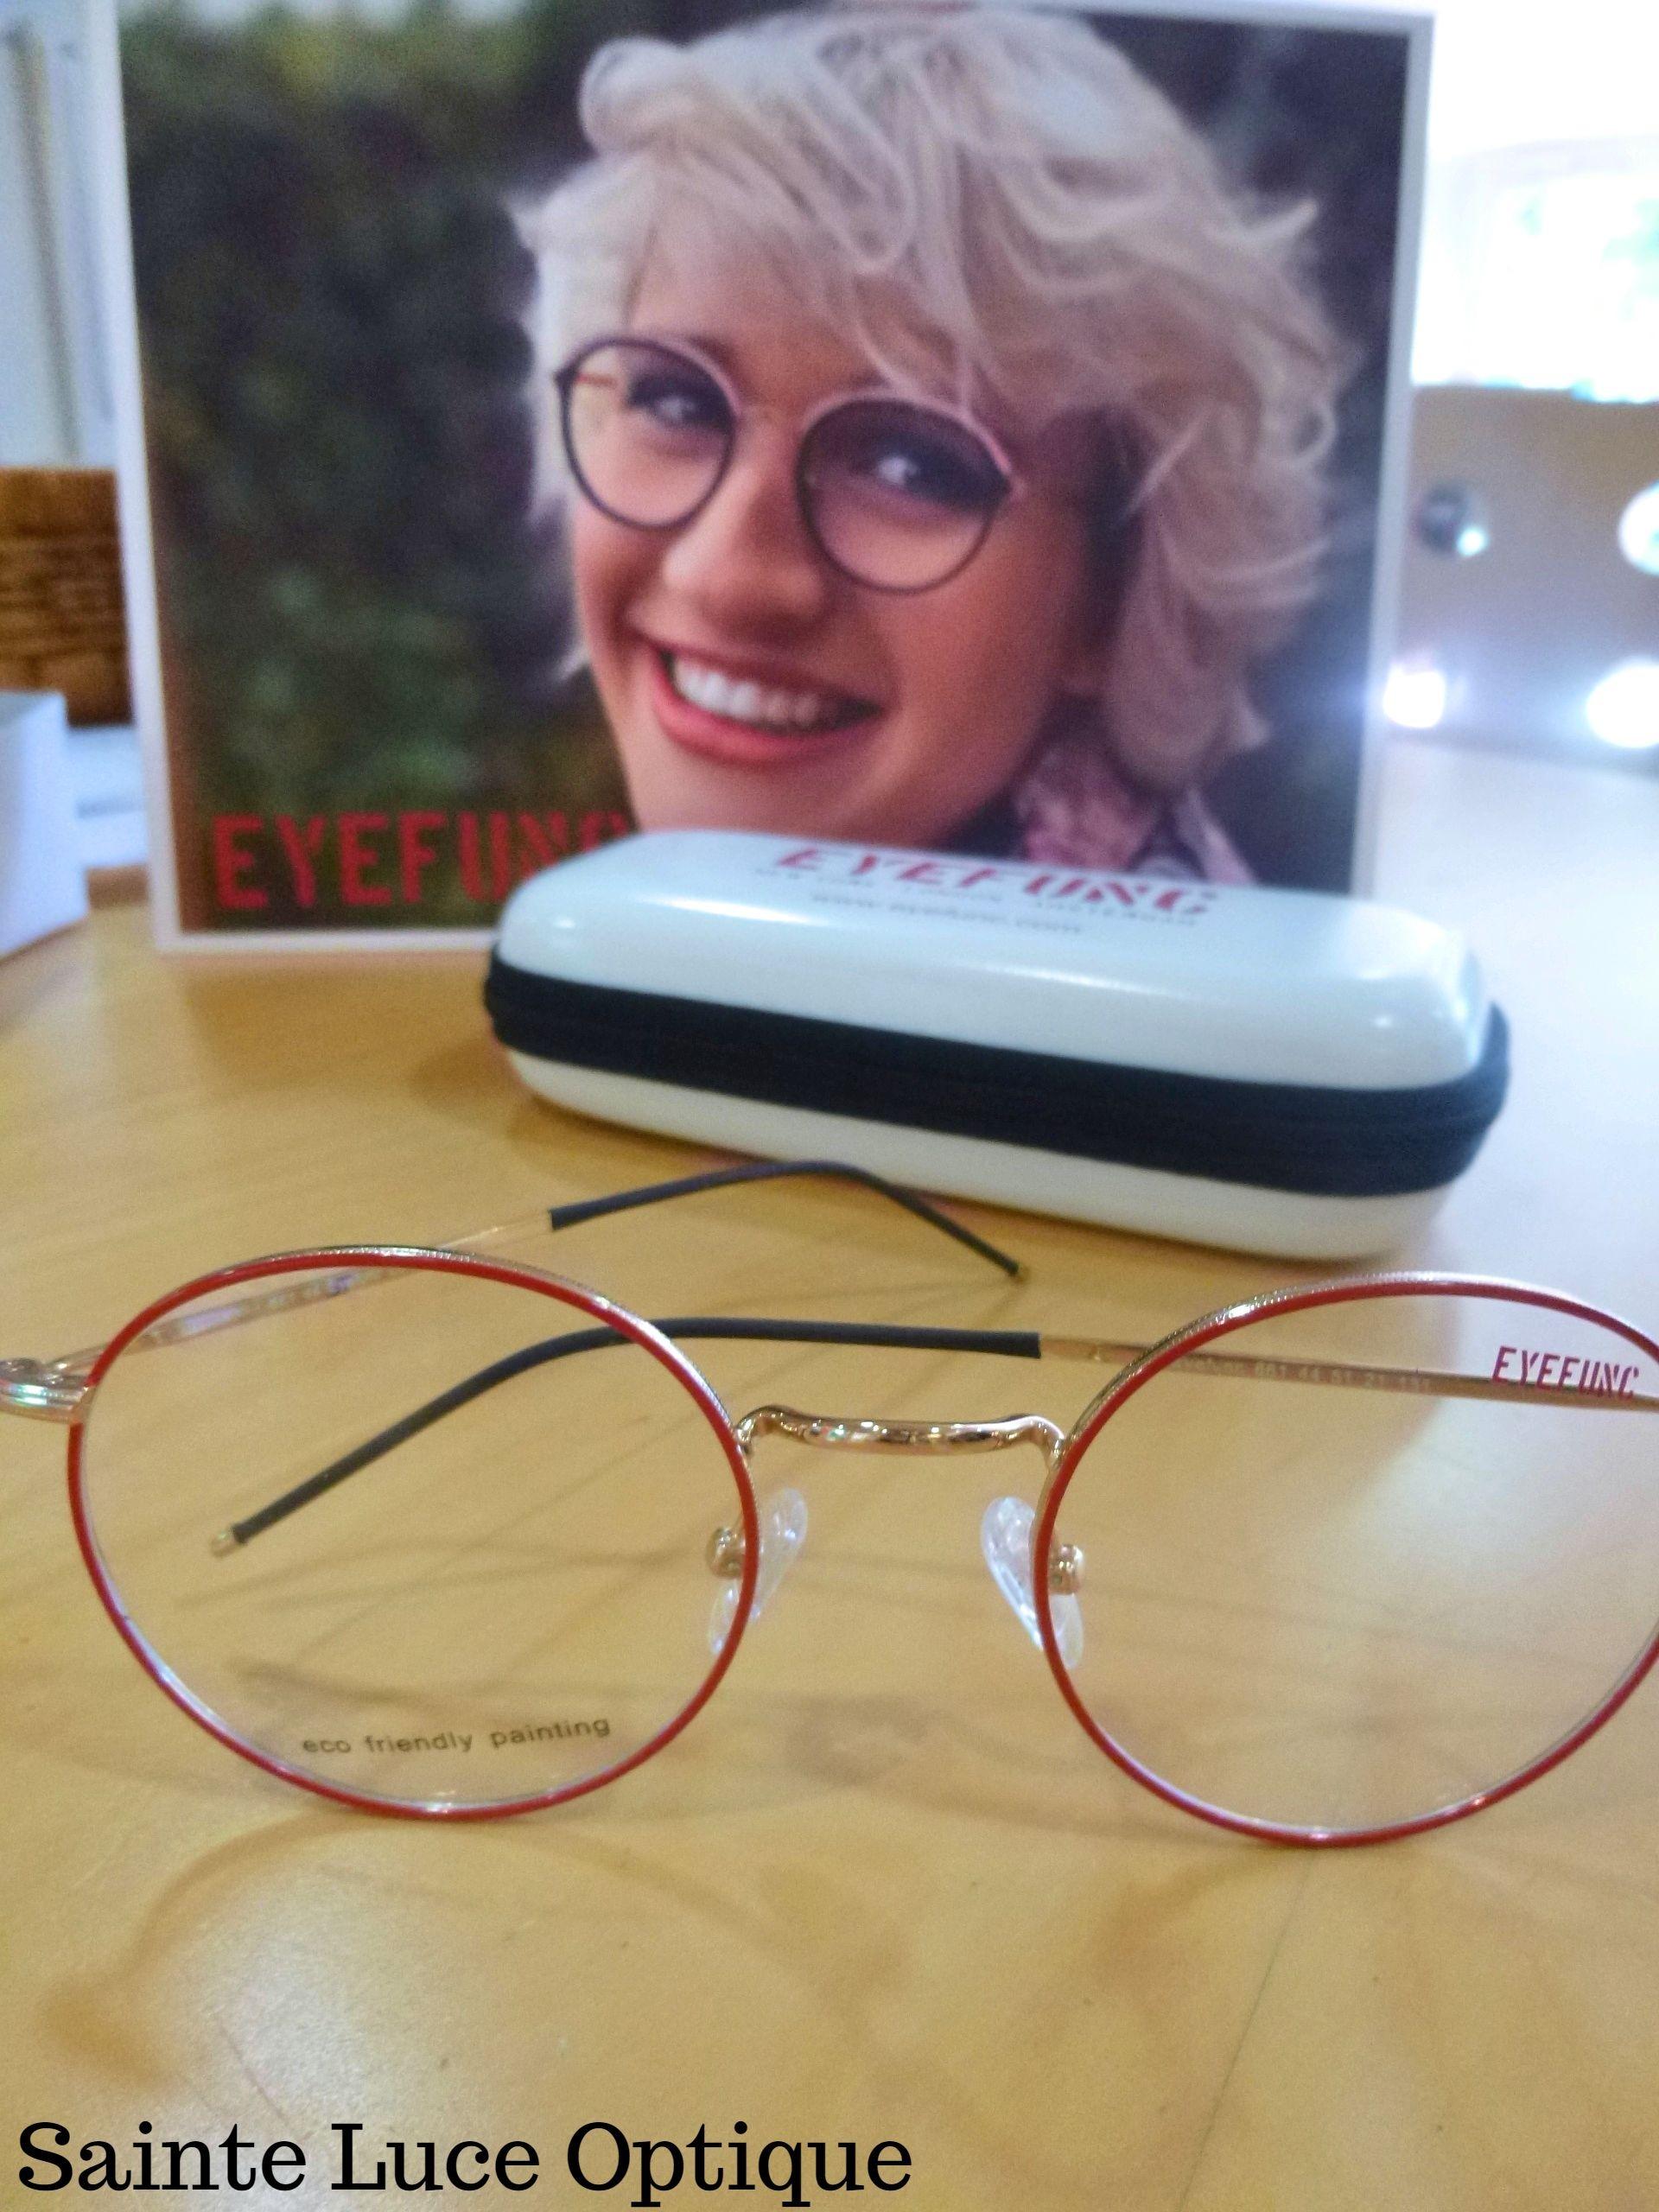 Urbaine et pétillante la nouvelle collection Eyefunc! A découvrir à Sainte Luce Optique!